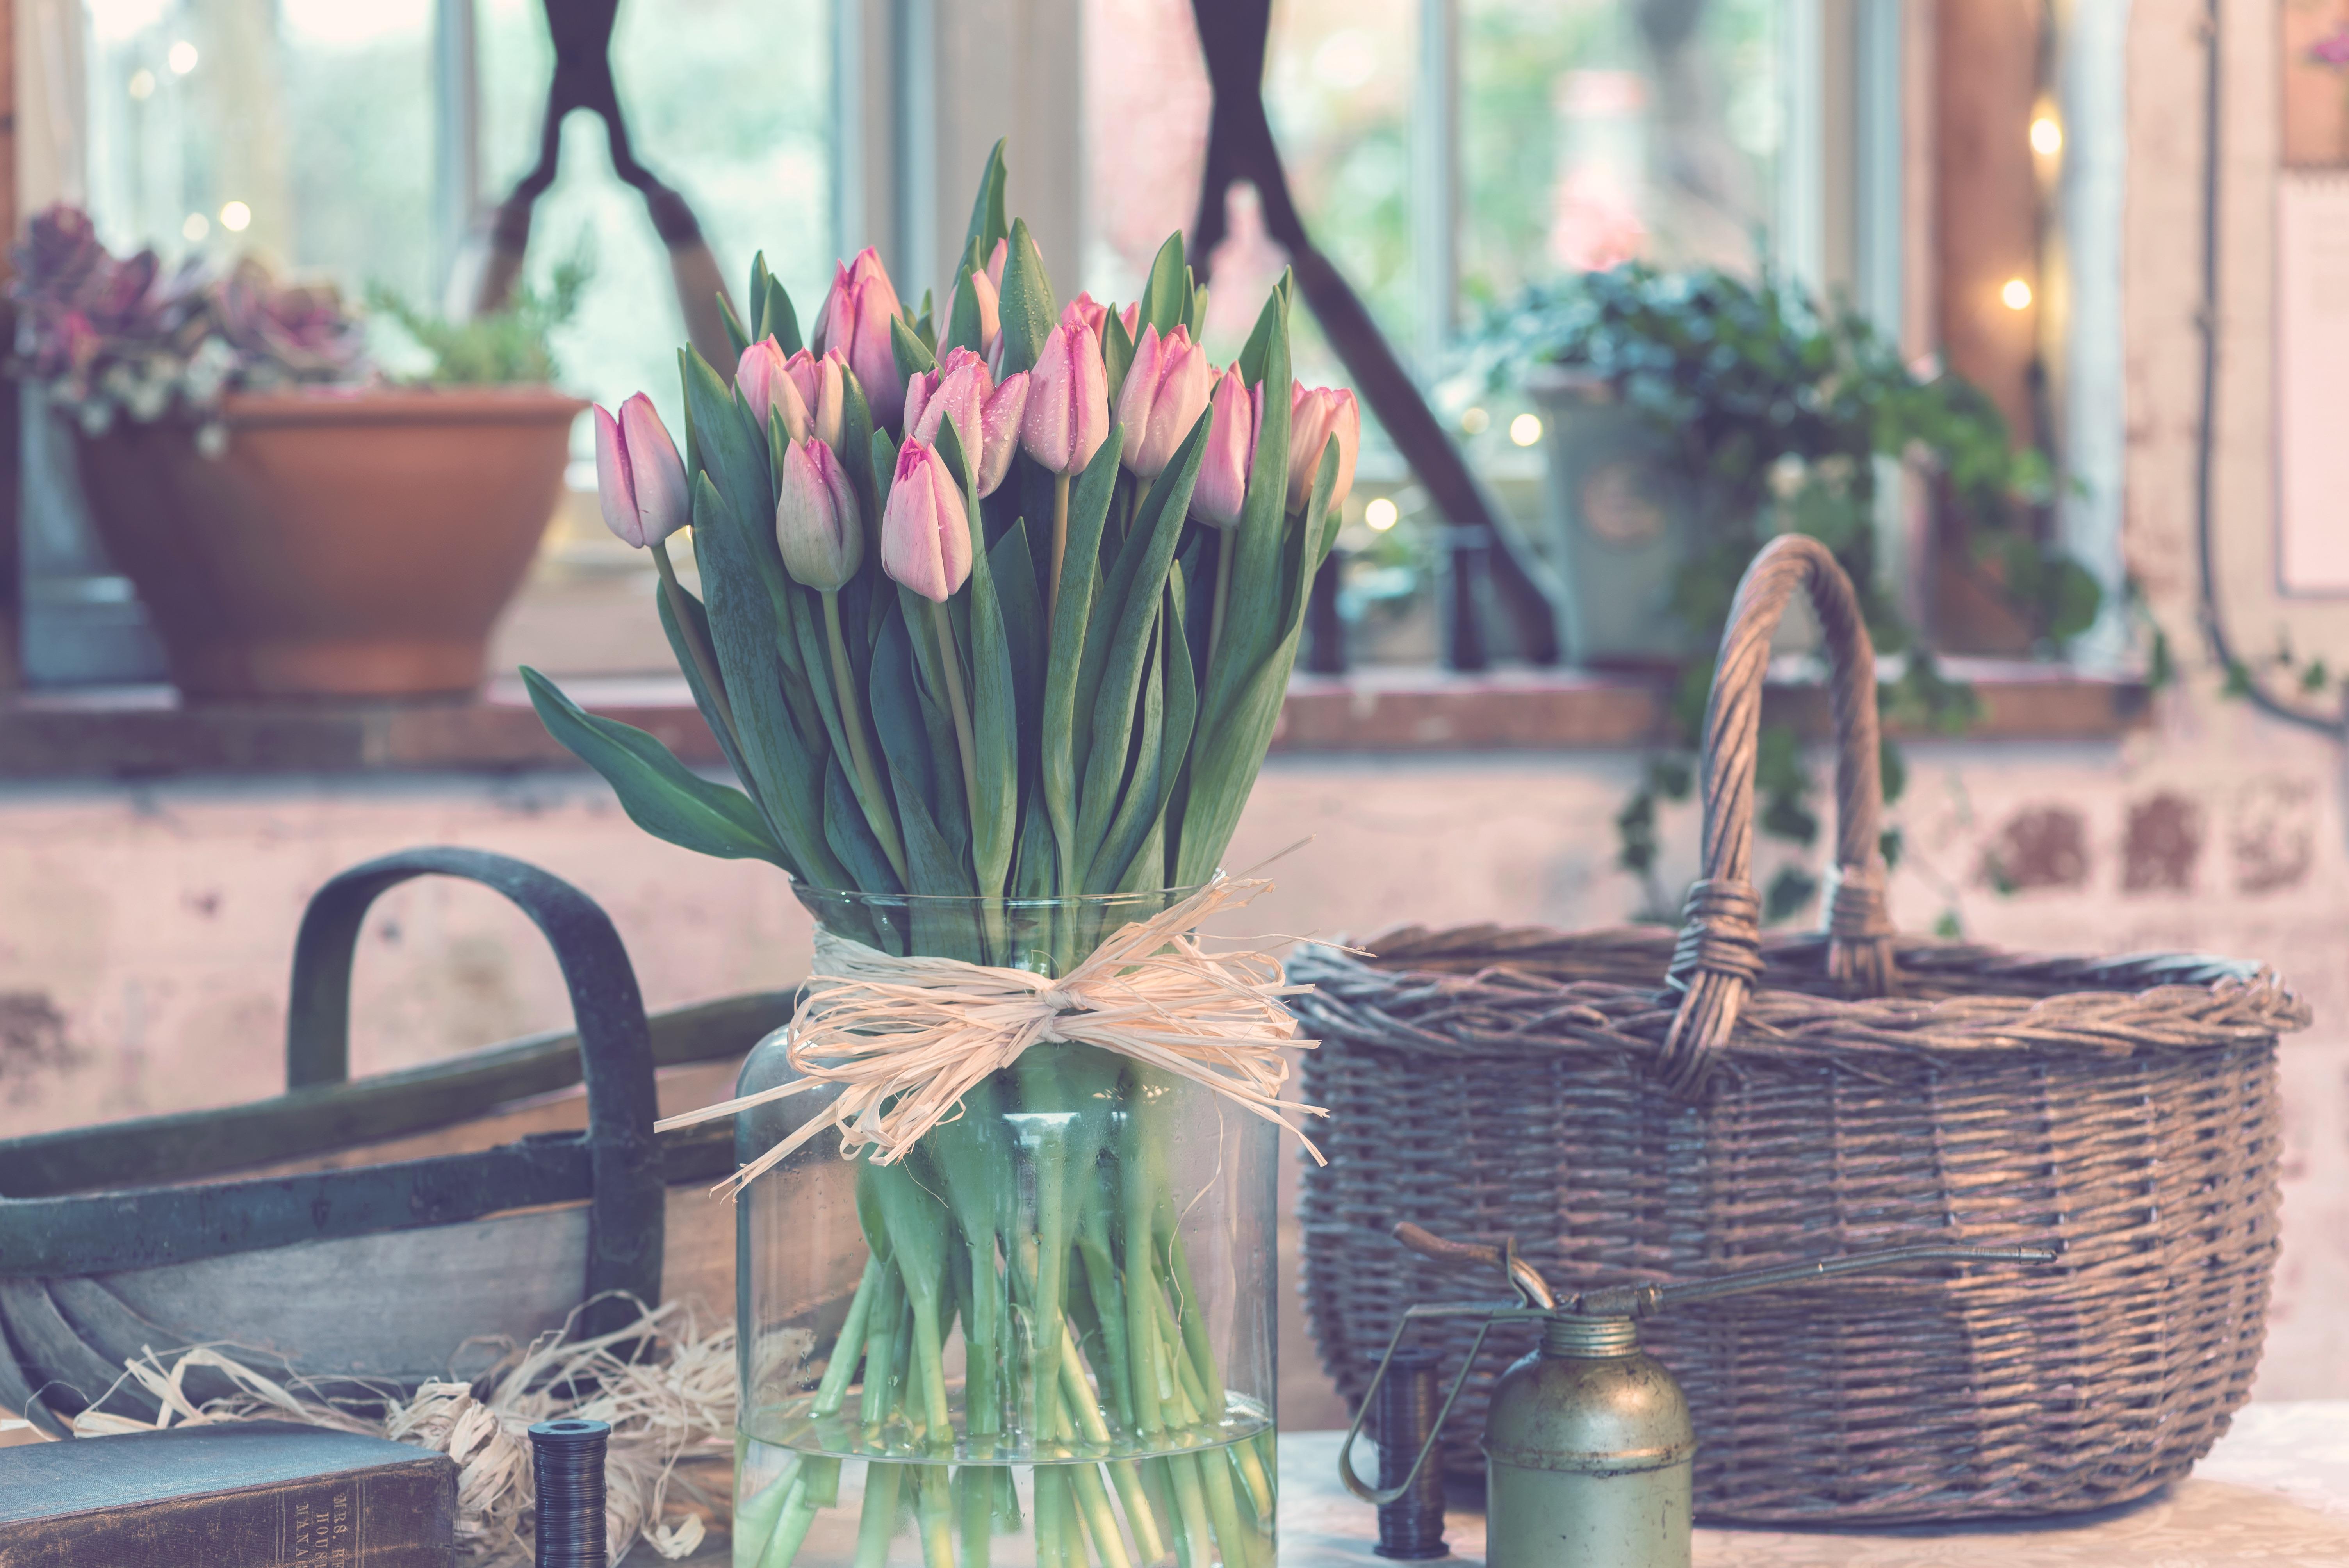 70596 Hintergrundbild herunterladen Tulpen, Blumen, Strauß, Bouquet, Vase - Bildschirmschoner und Bilder kostenlos